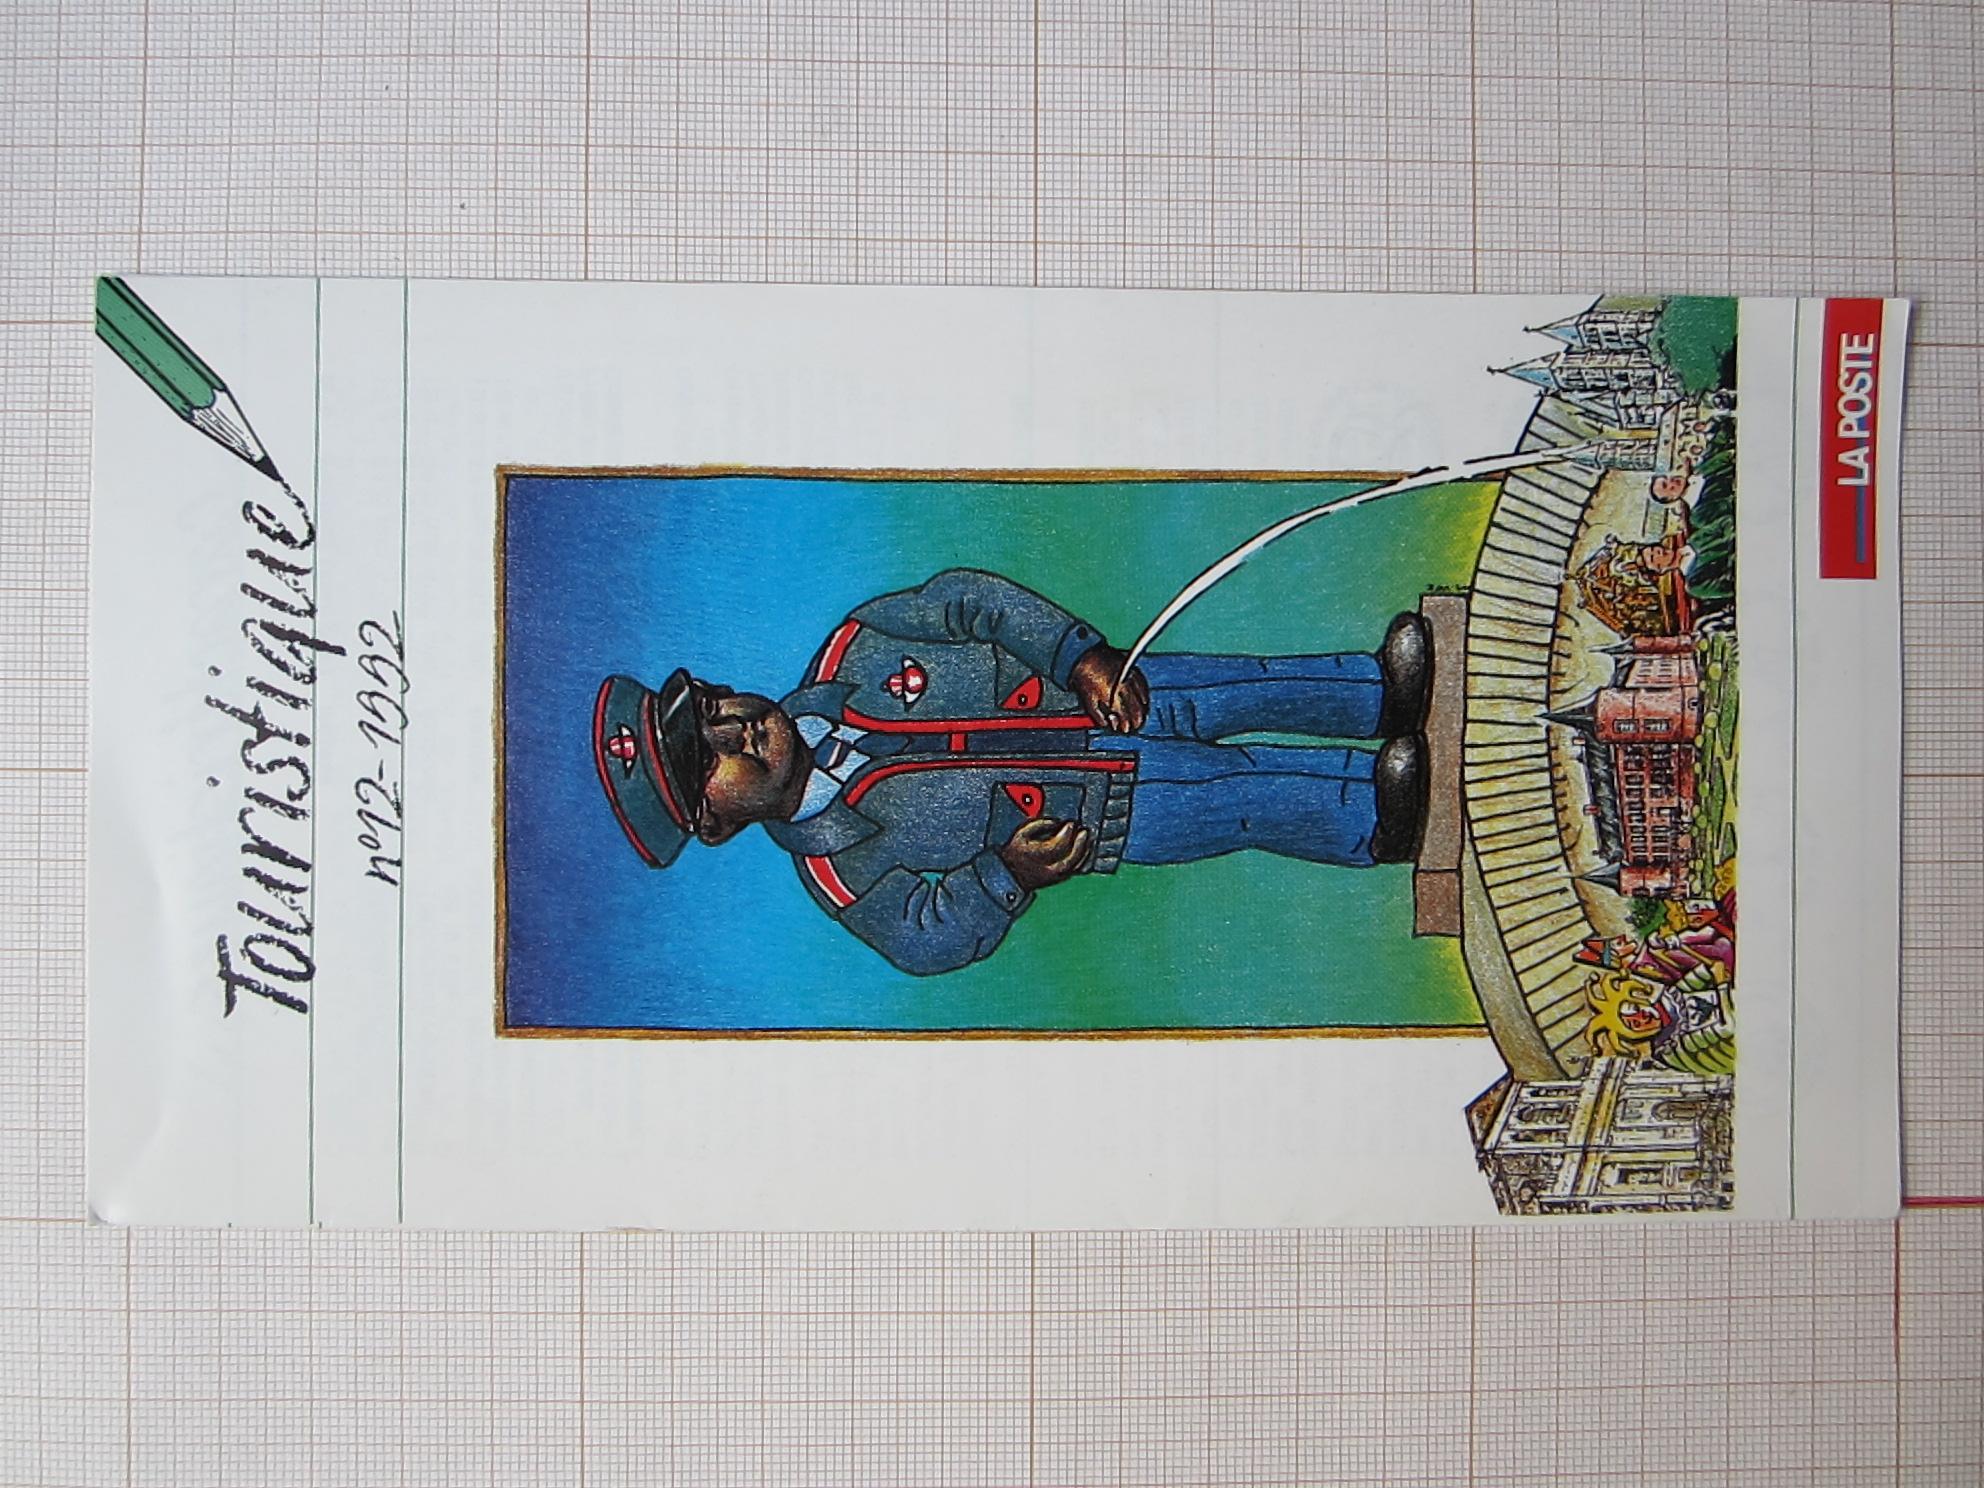 Touristique n°12 -1992© François Schuiten / La poste, 1992